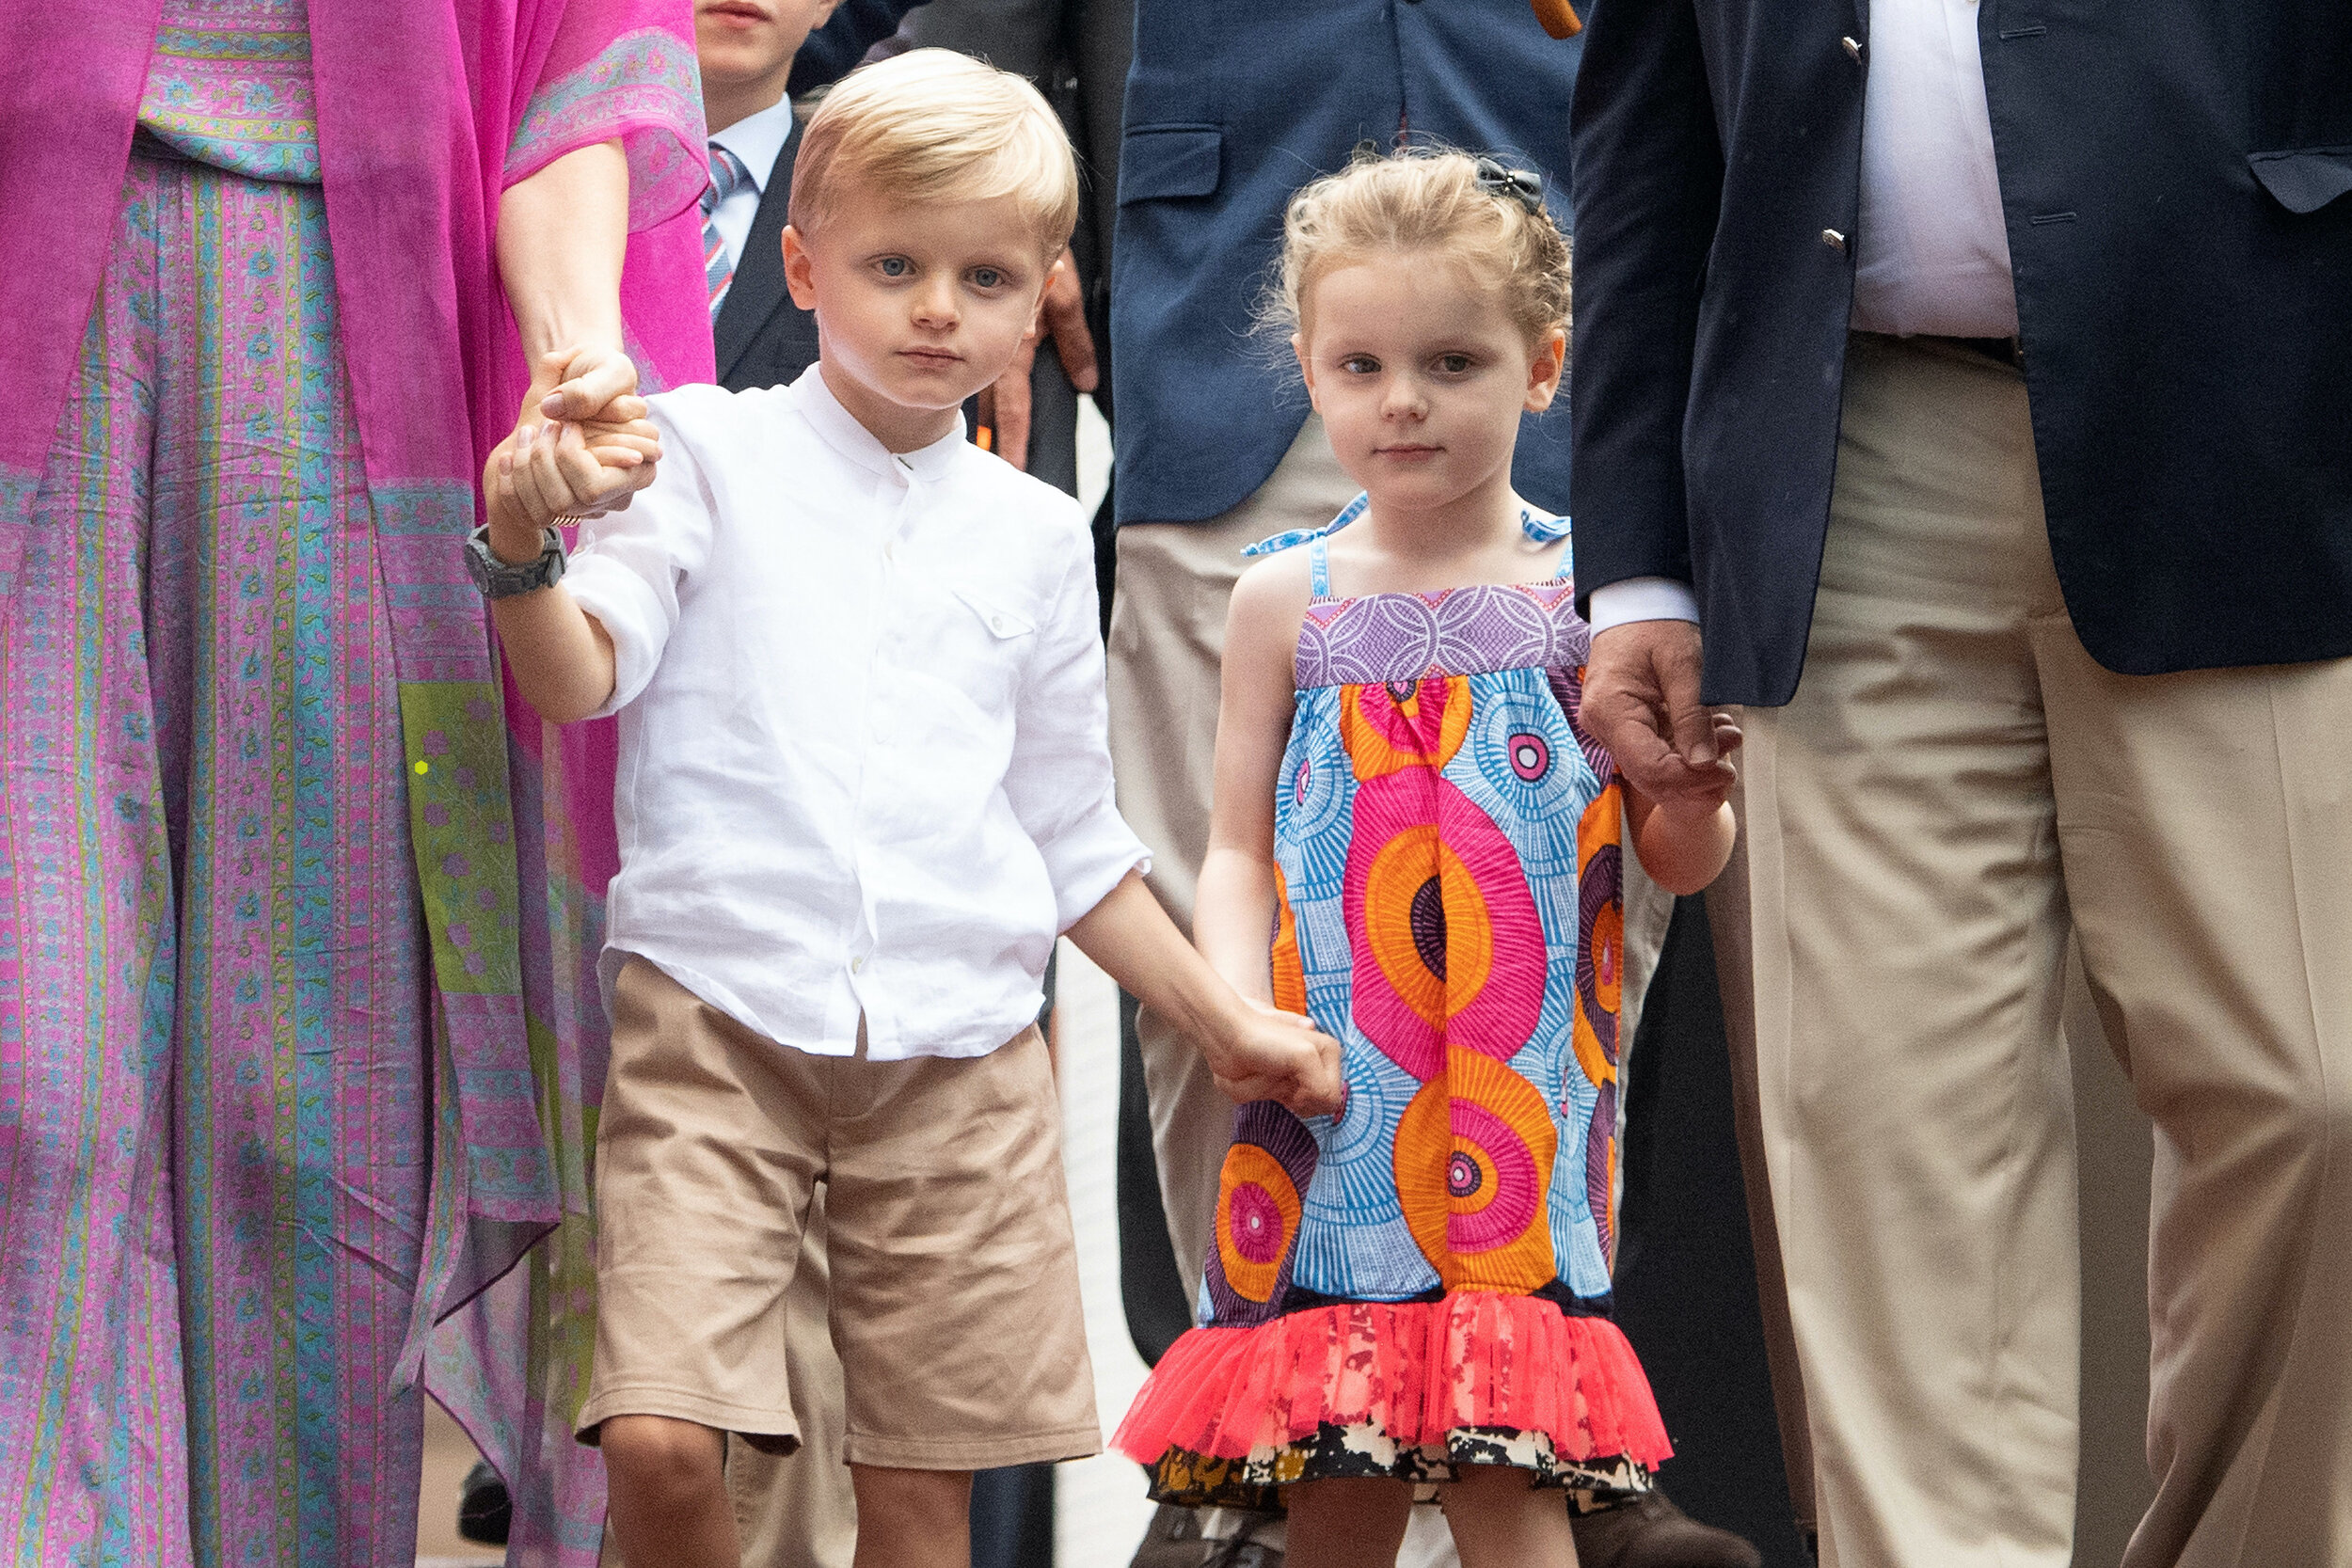 Erbprinz Jacques ist zwei Minuten jünger als seine Schwester Prinzessin Gabriella. © picture alliance / abaca